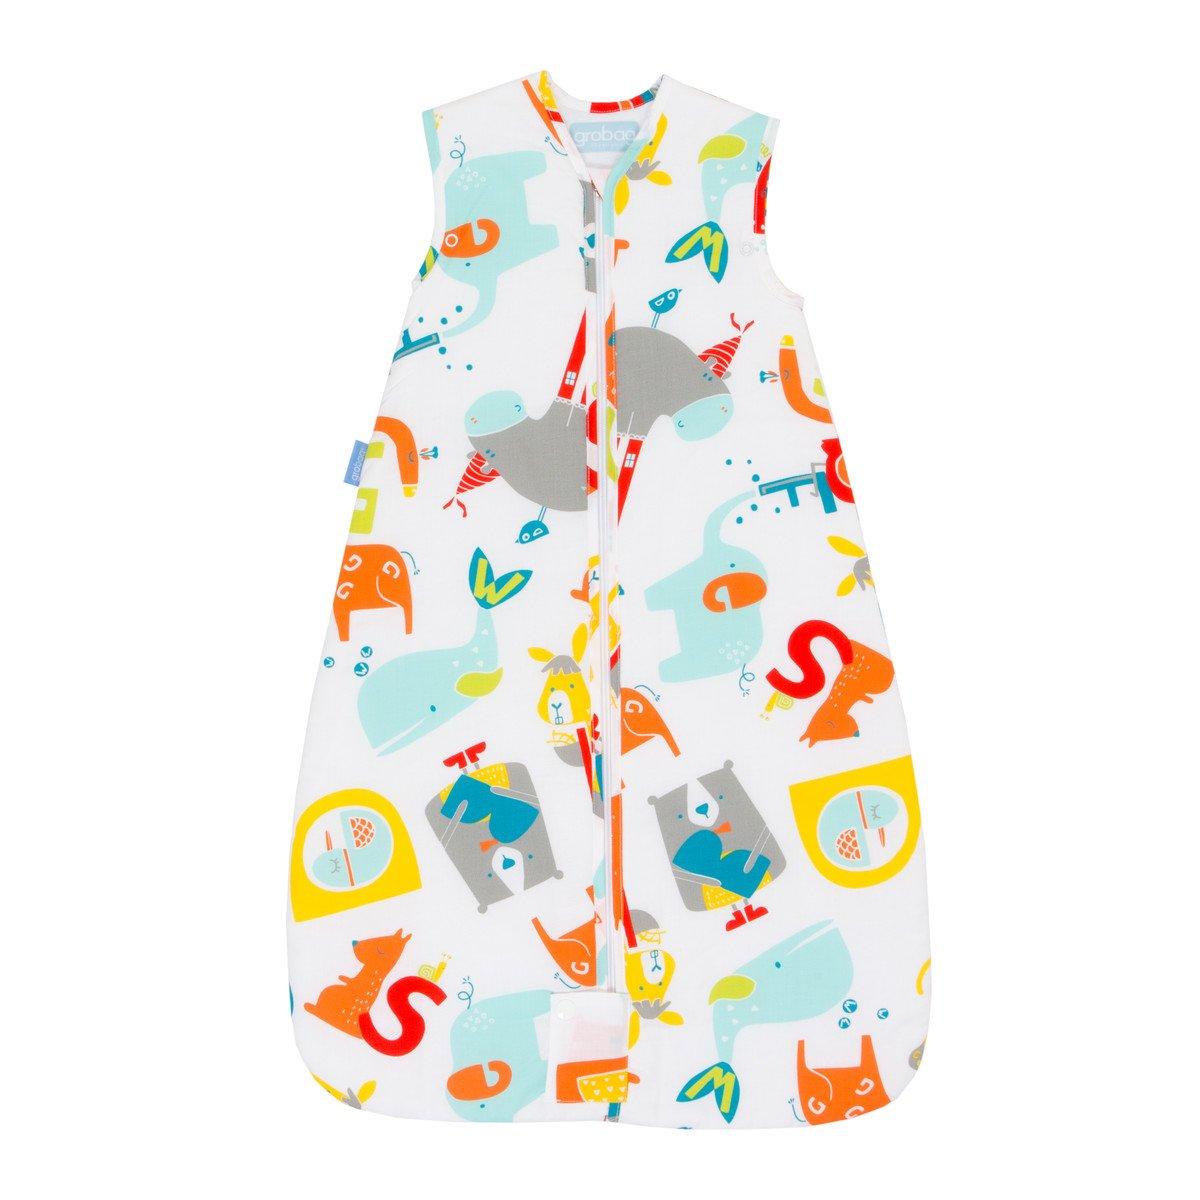 Gro Premium - Saco de dormir, 6-10 años, diseño elefante: Amazon.es: Bebé